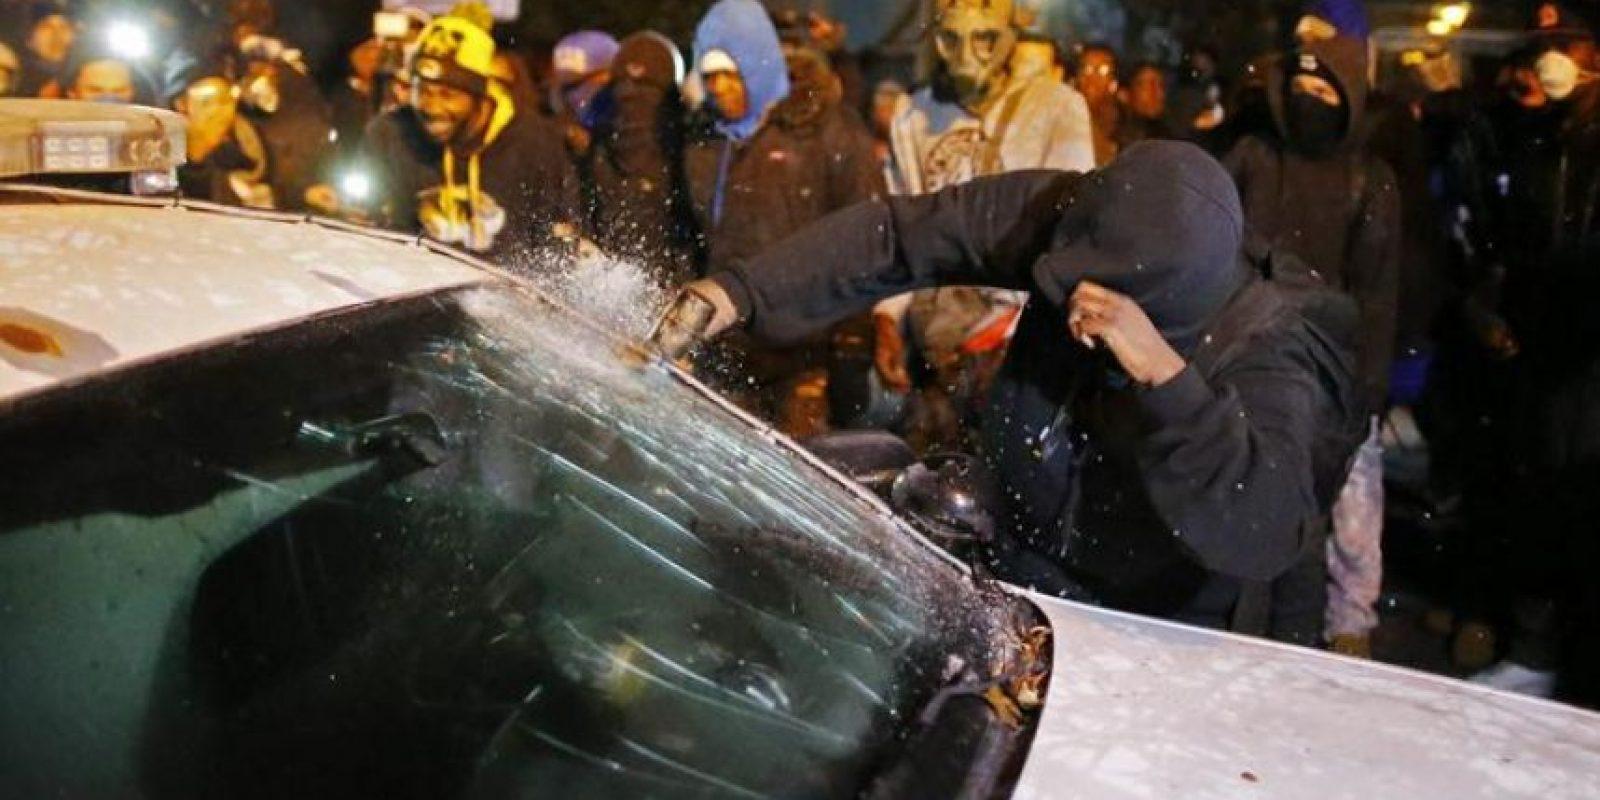 Un manifestante rompe la luna de un coche de policía ante el edificio del ayuntamiento en Ferguson (EE.UU.) durante unos disturbios provocados por la decisión de un gran jurado de no procesar al policía Darren Wilson por matar al joven Michael Brown en Ferguson, Misuri (Estados Unidos). EFE